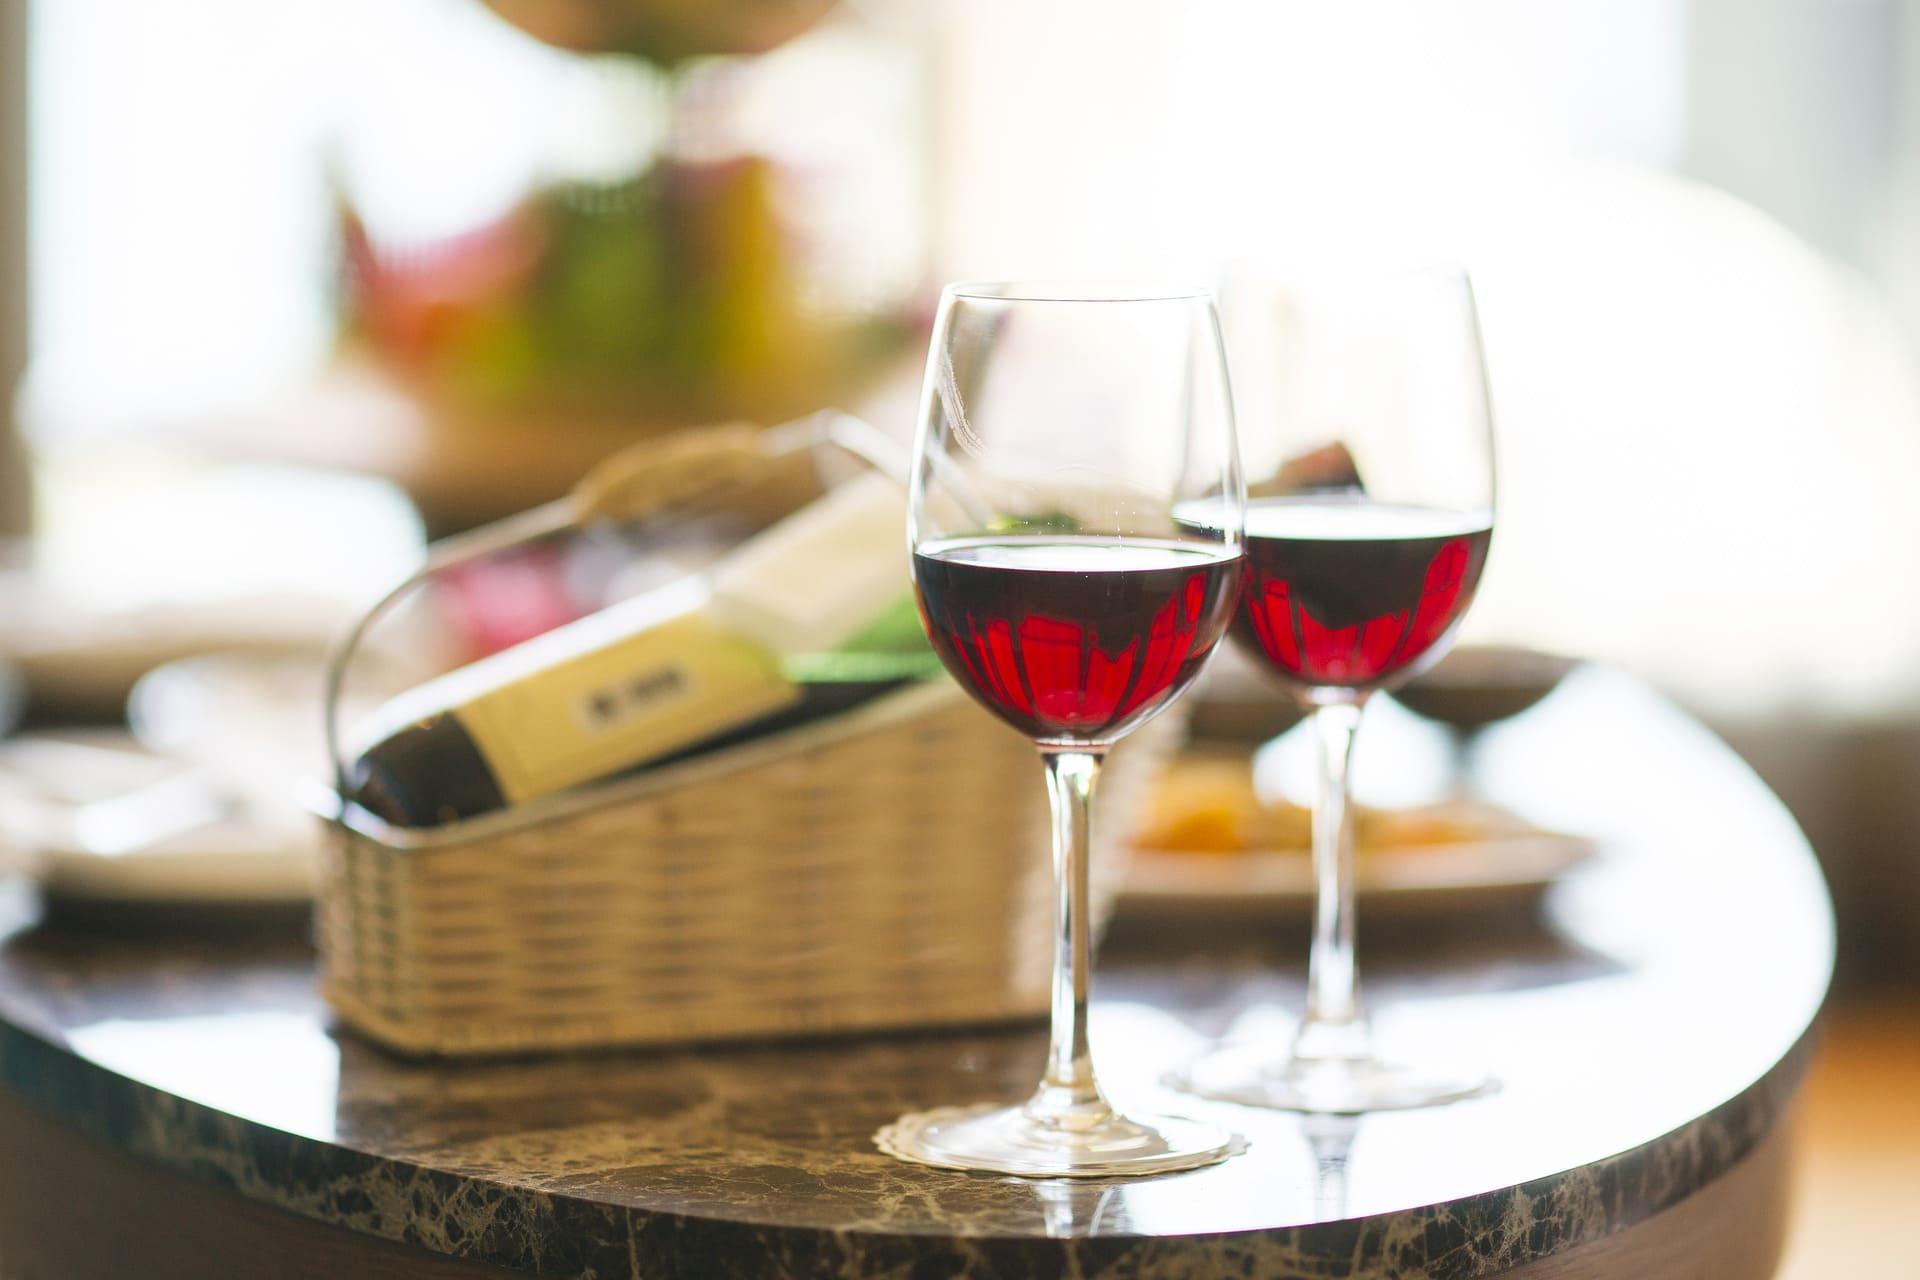 Choisir son vin selon l'occasion